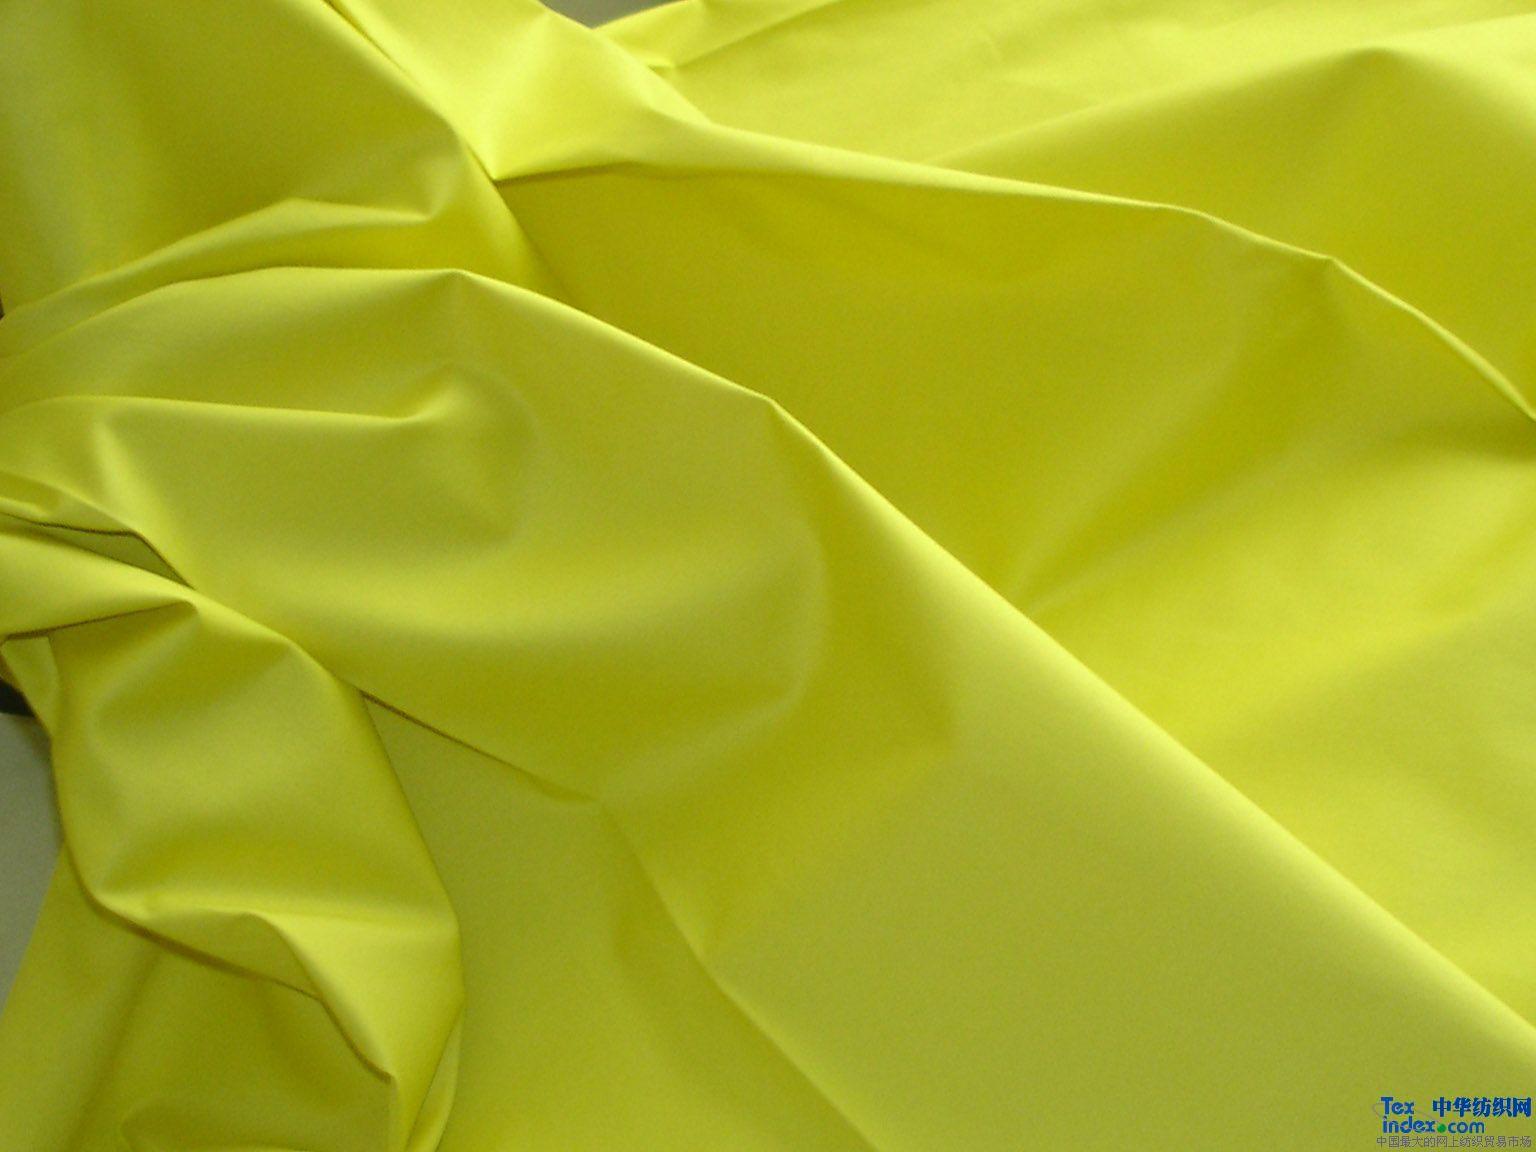 桃皮绒面料成分_平纹加密桃皮绒 - 供应信息 - 中华纺织网